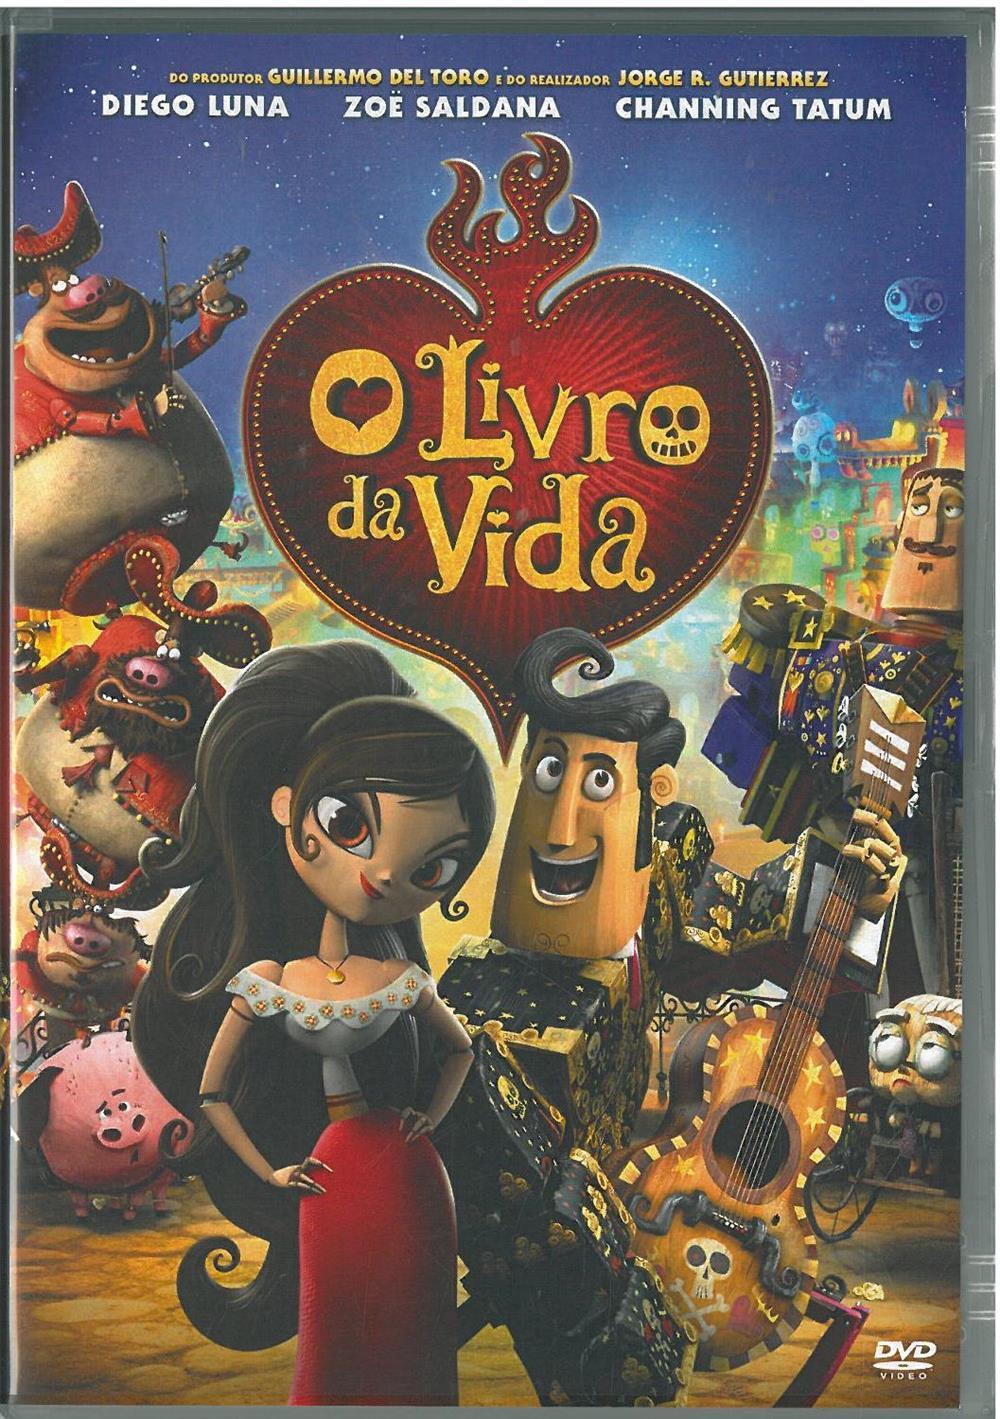 O livro da vida_DVD.jpg